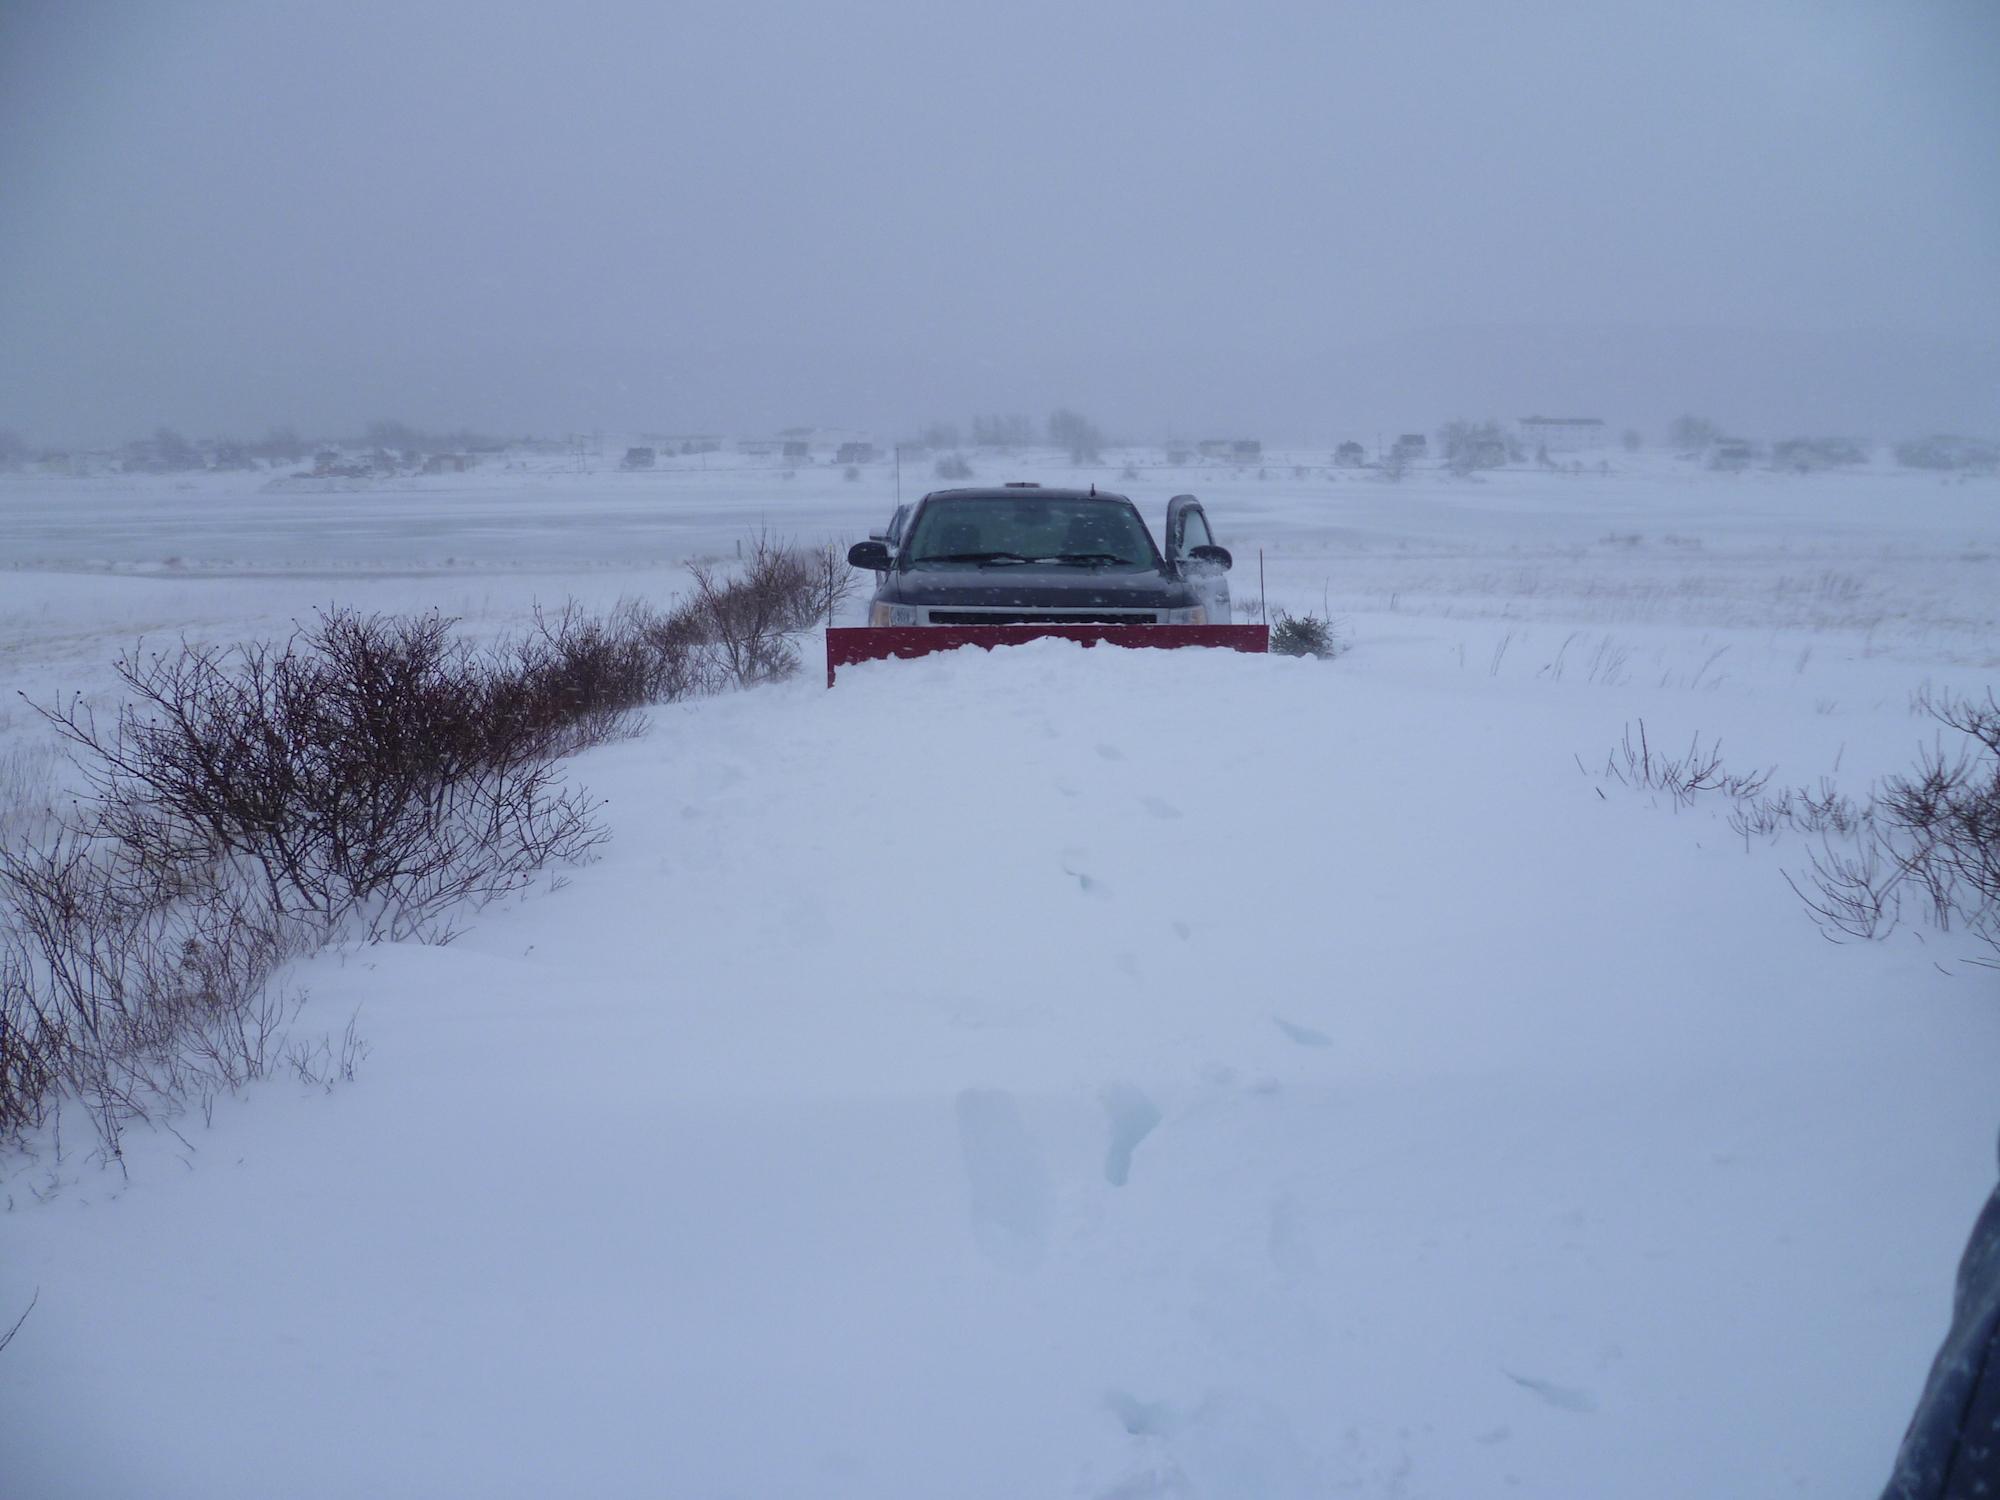 Hiver au Canada - La déneigeuse enneigée